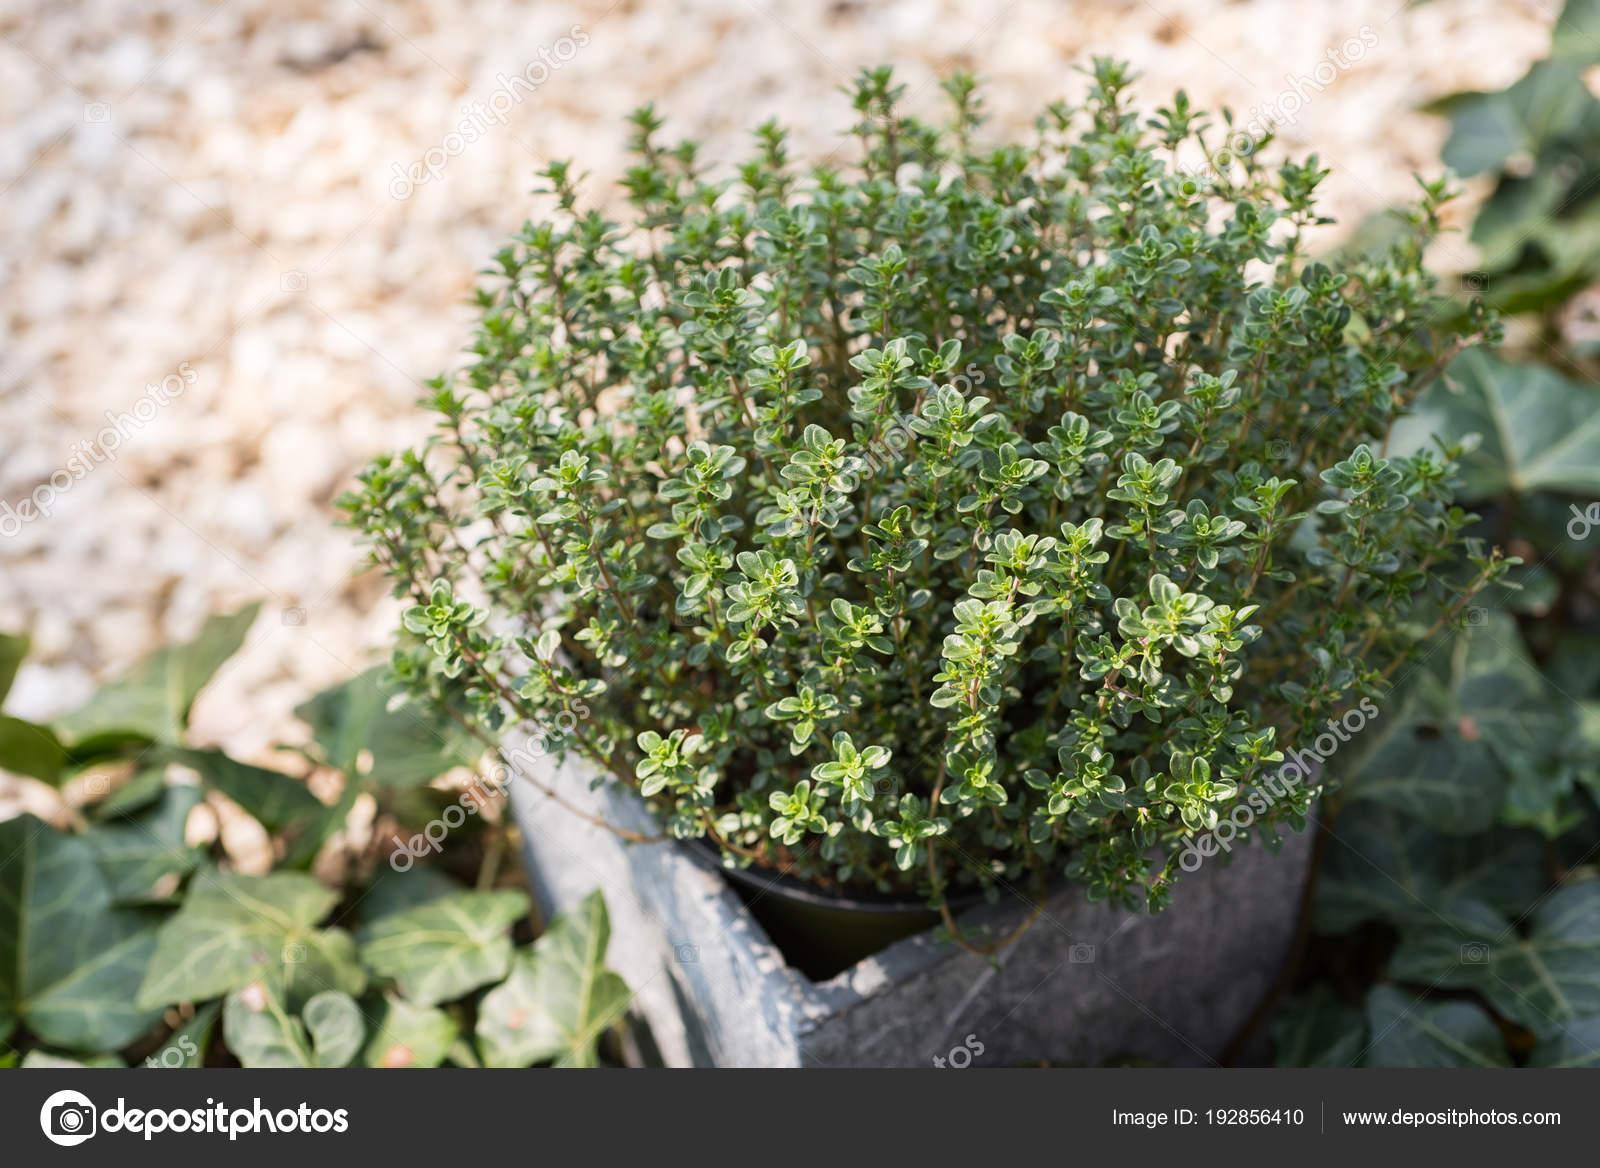 Timo limone in un vaso di pietra in un giardino di pietra con l